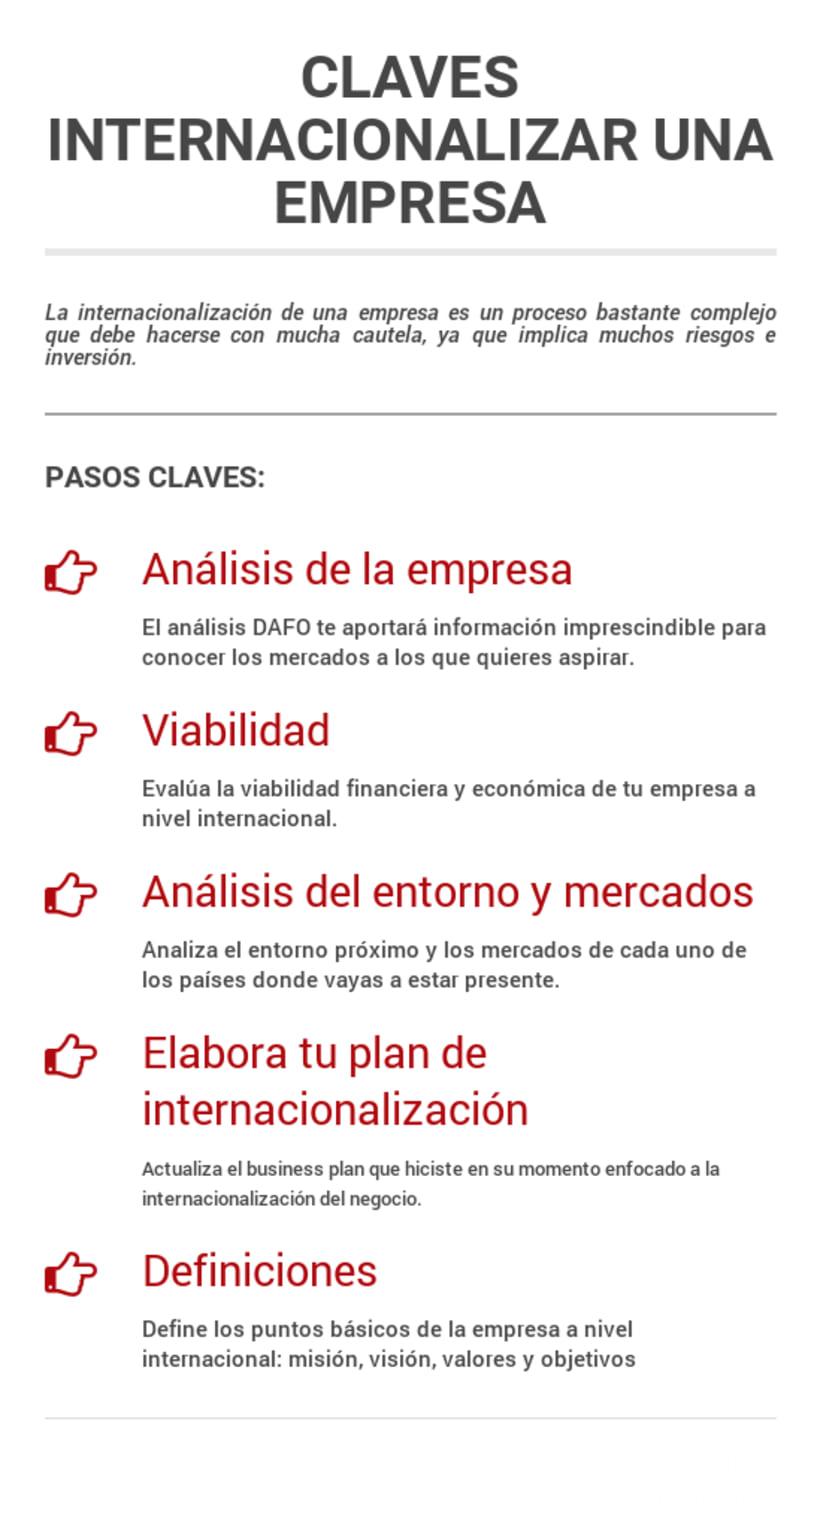 Claves para internacionalizar una empresa -1